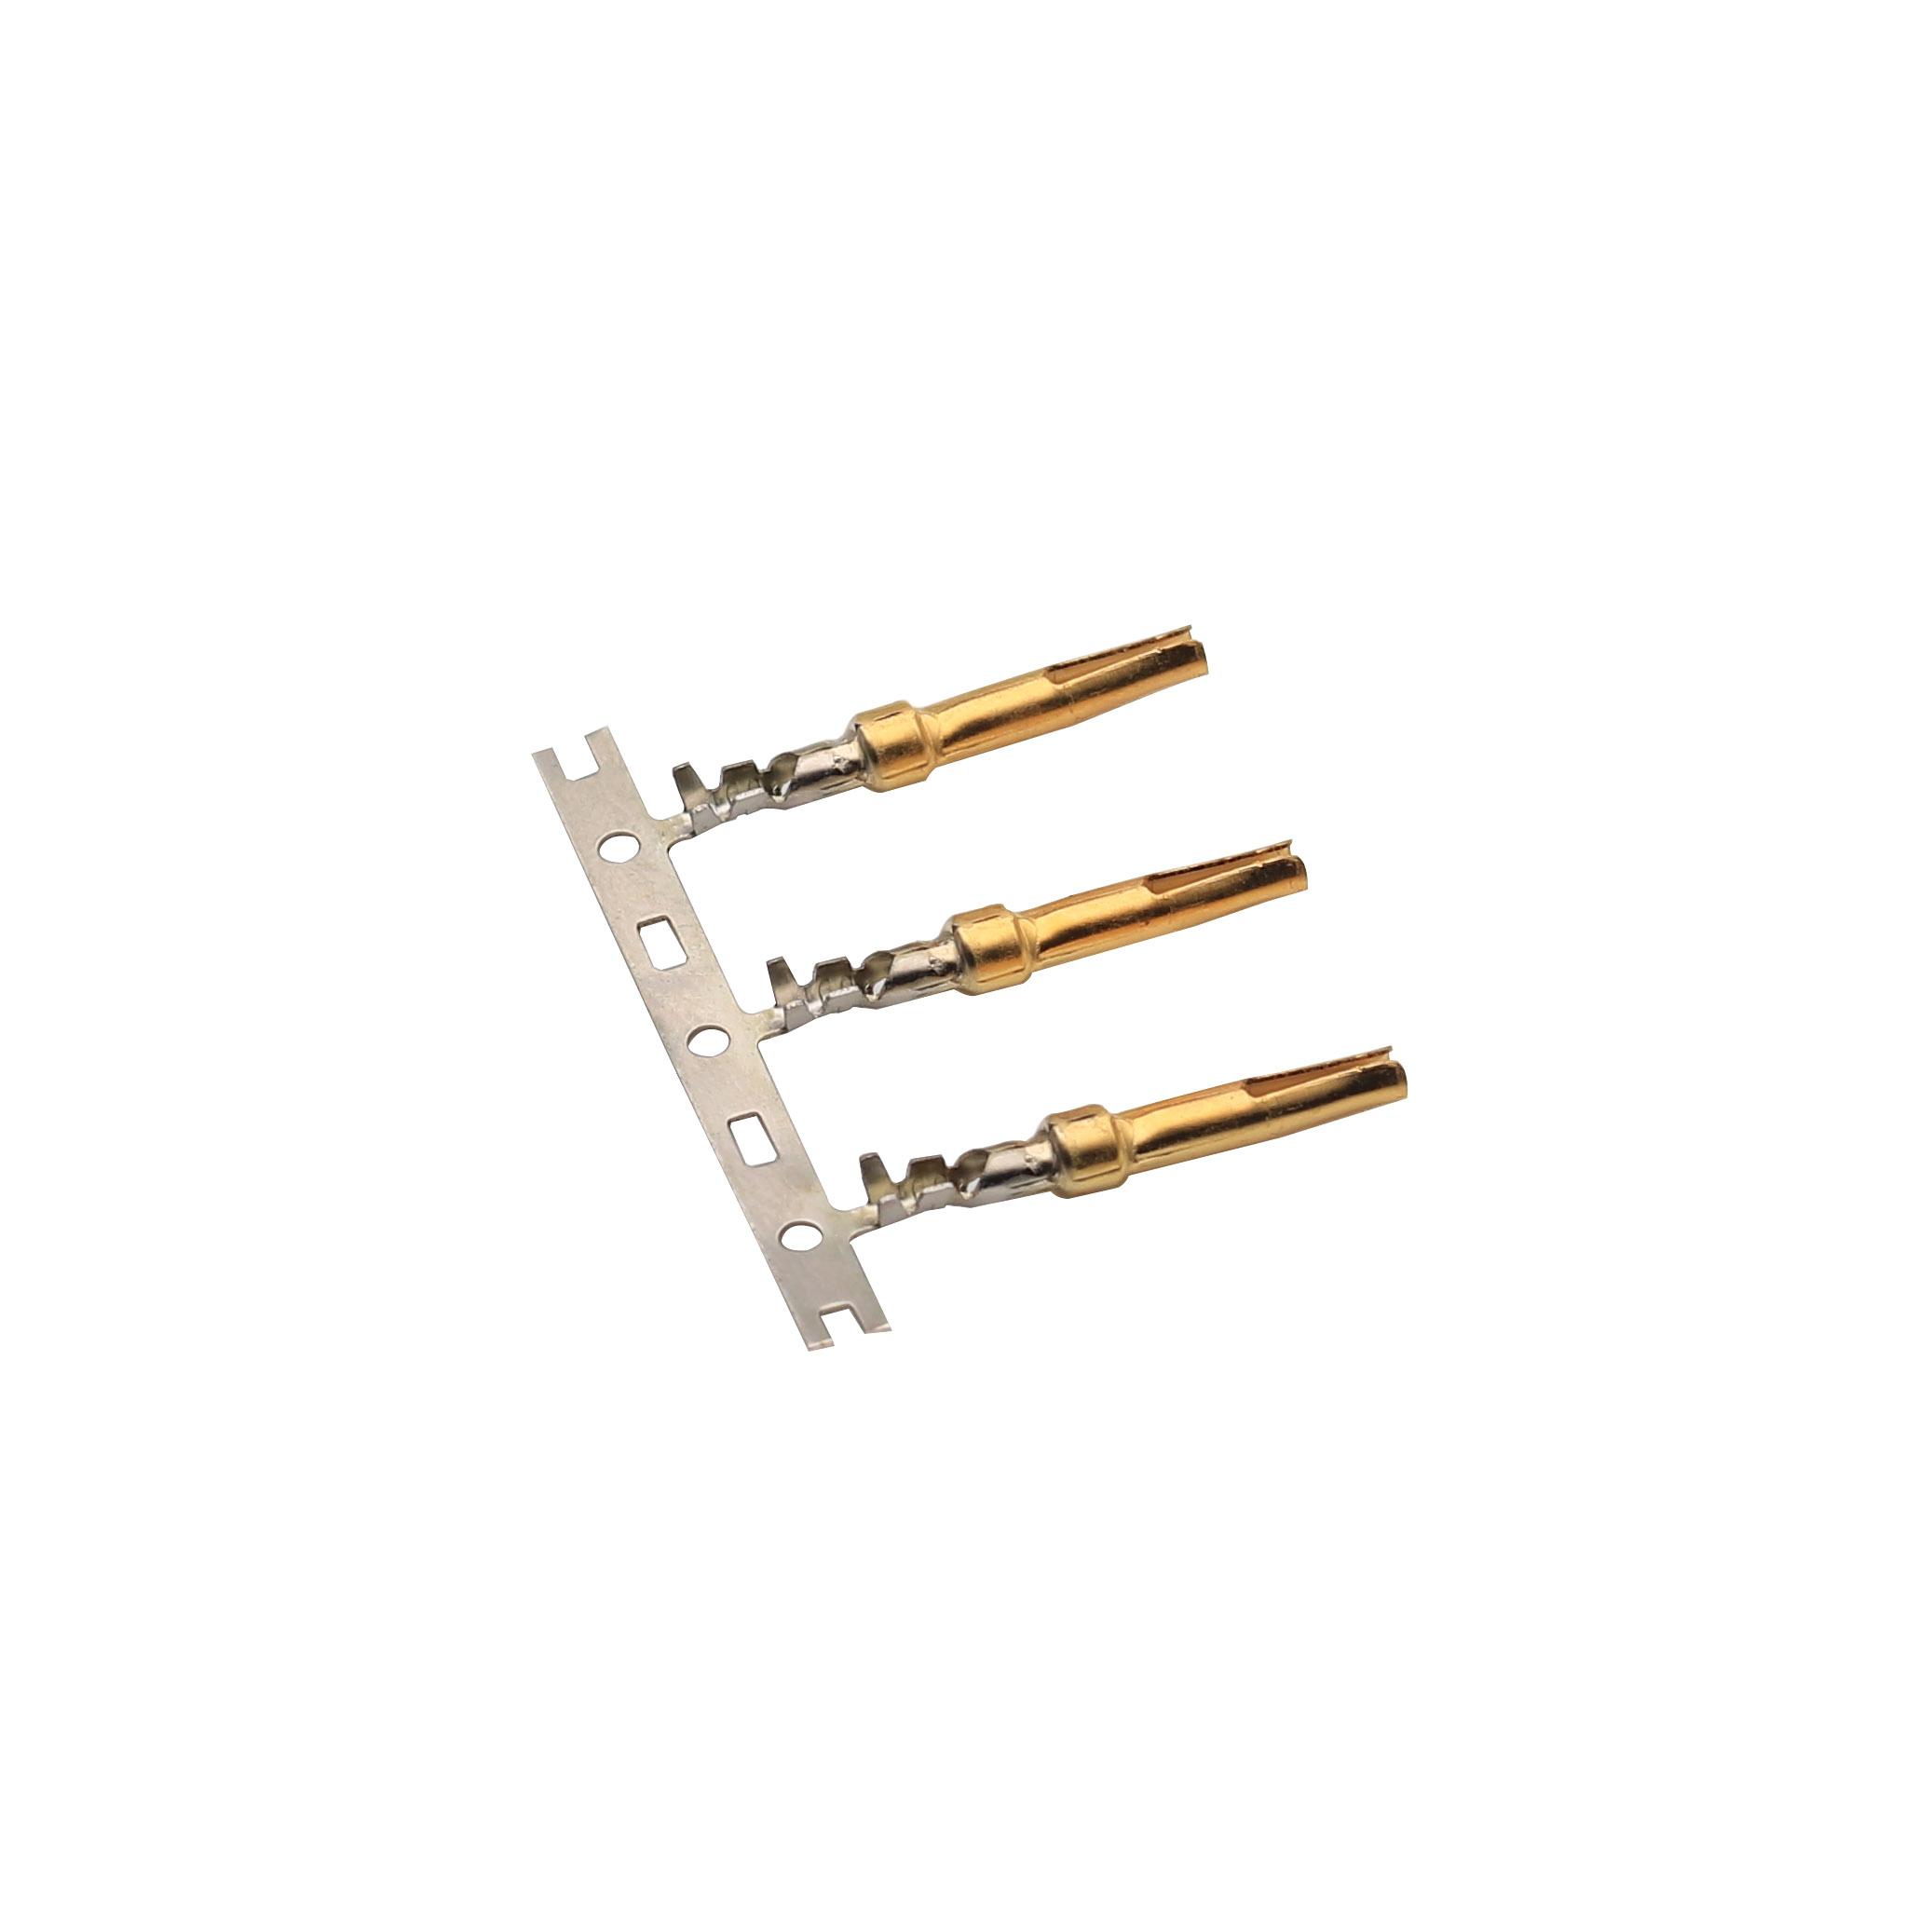 1.57x19鍍金開口母端 醫療端子接插件端子精密模具優質生產廠家志盈端子